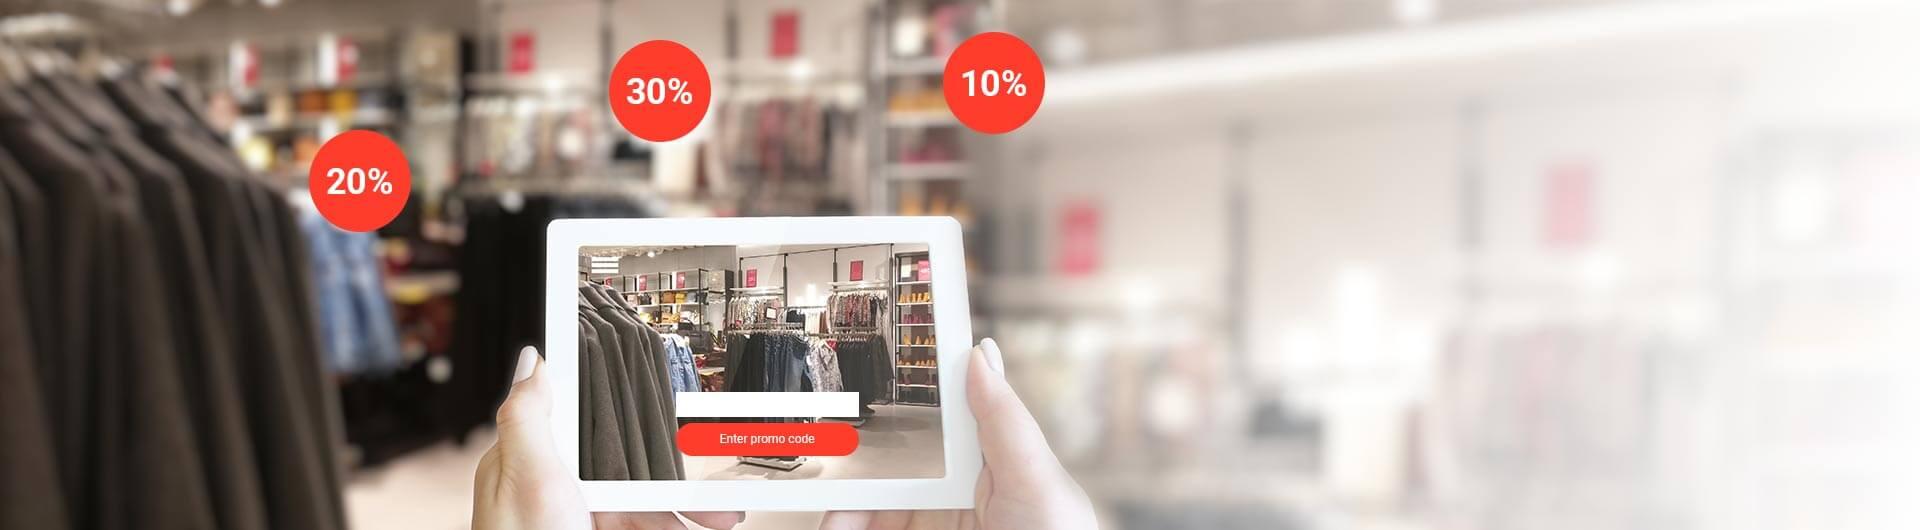 עיצוב אתר מכירות – מחיר, טרנדים והמלצות